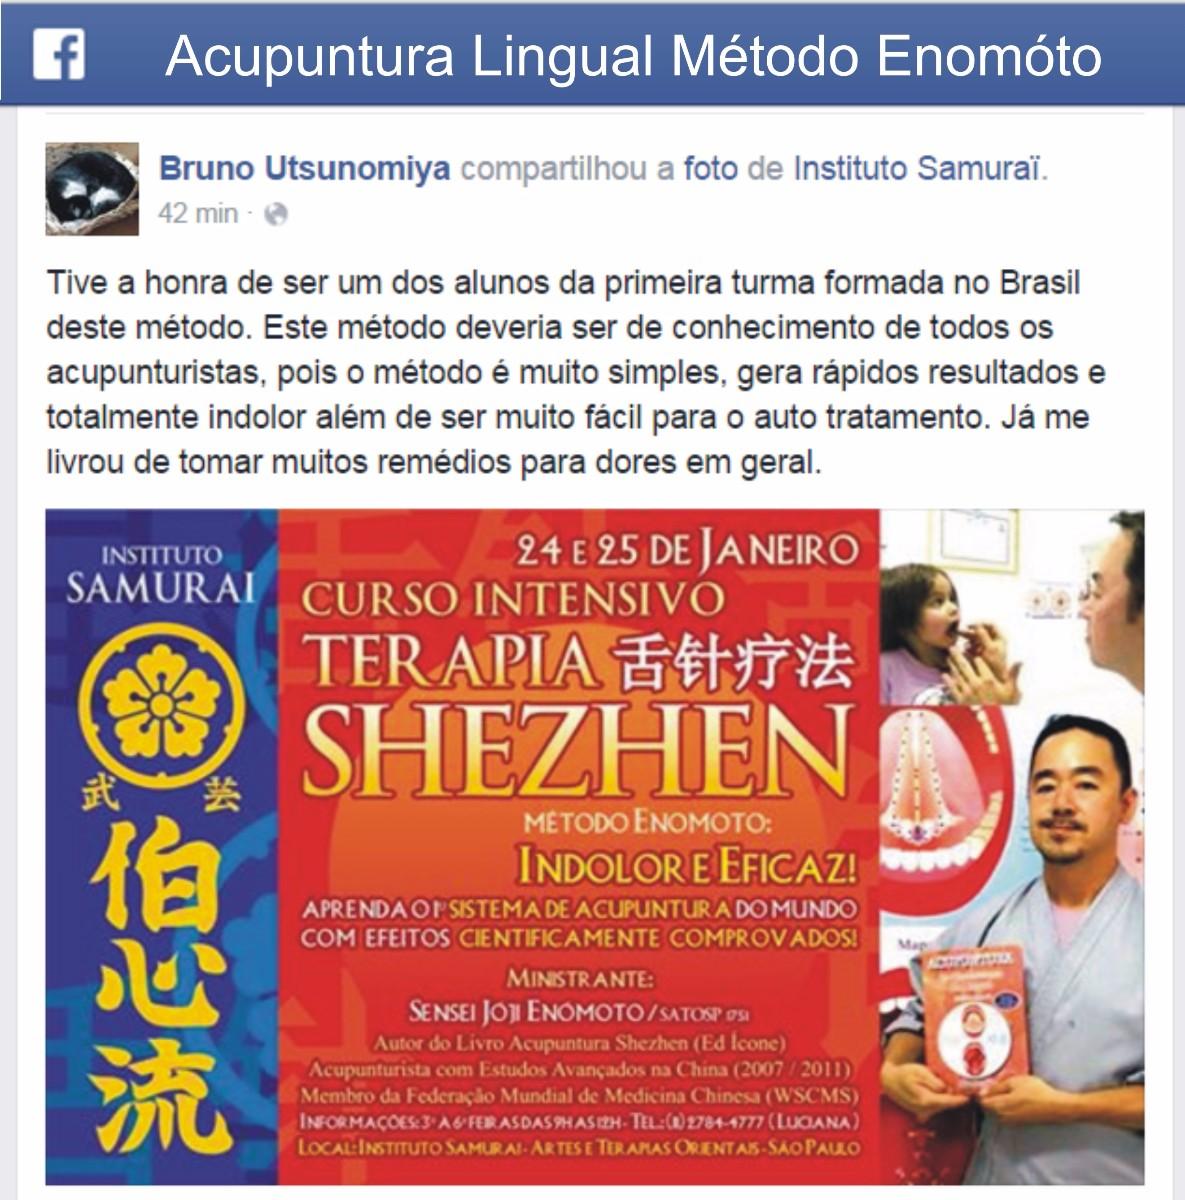 acupuntura lingual enomoto shezhen